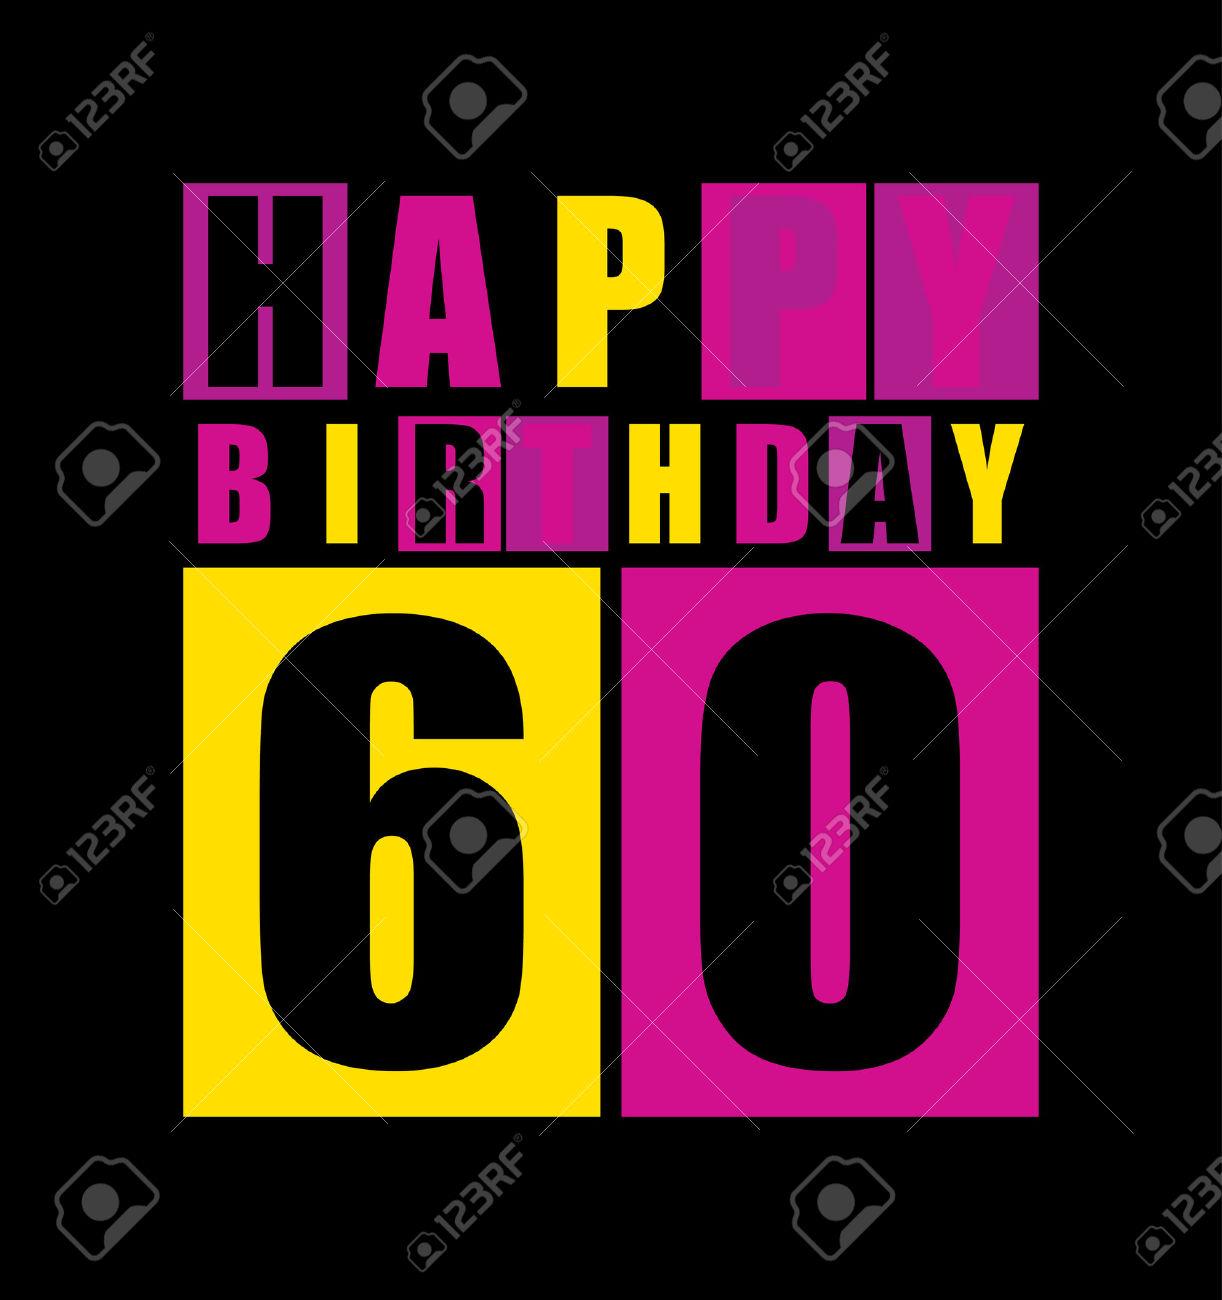 Clipart compleanno 60 anni picture stock Carta Di Compleanno Retro Felice Compleanno 60 Anni Gift Card ... picture stock